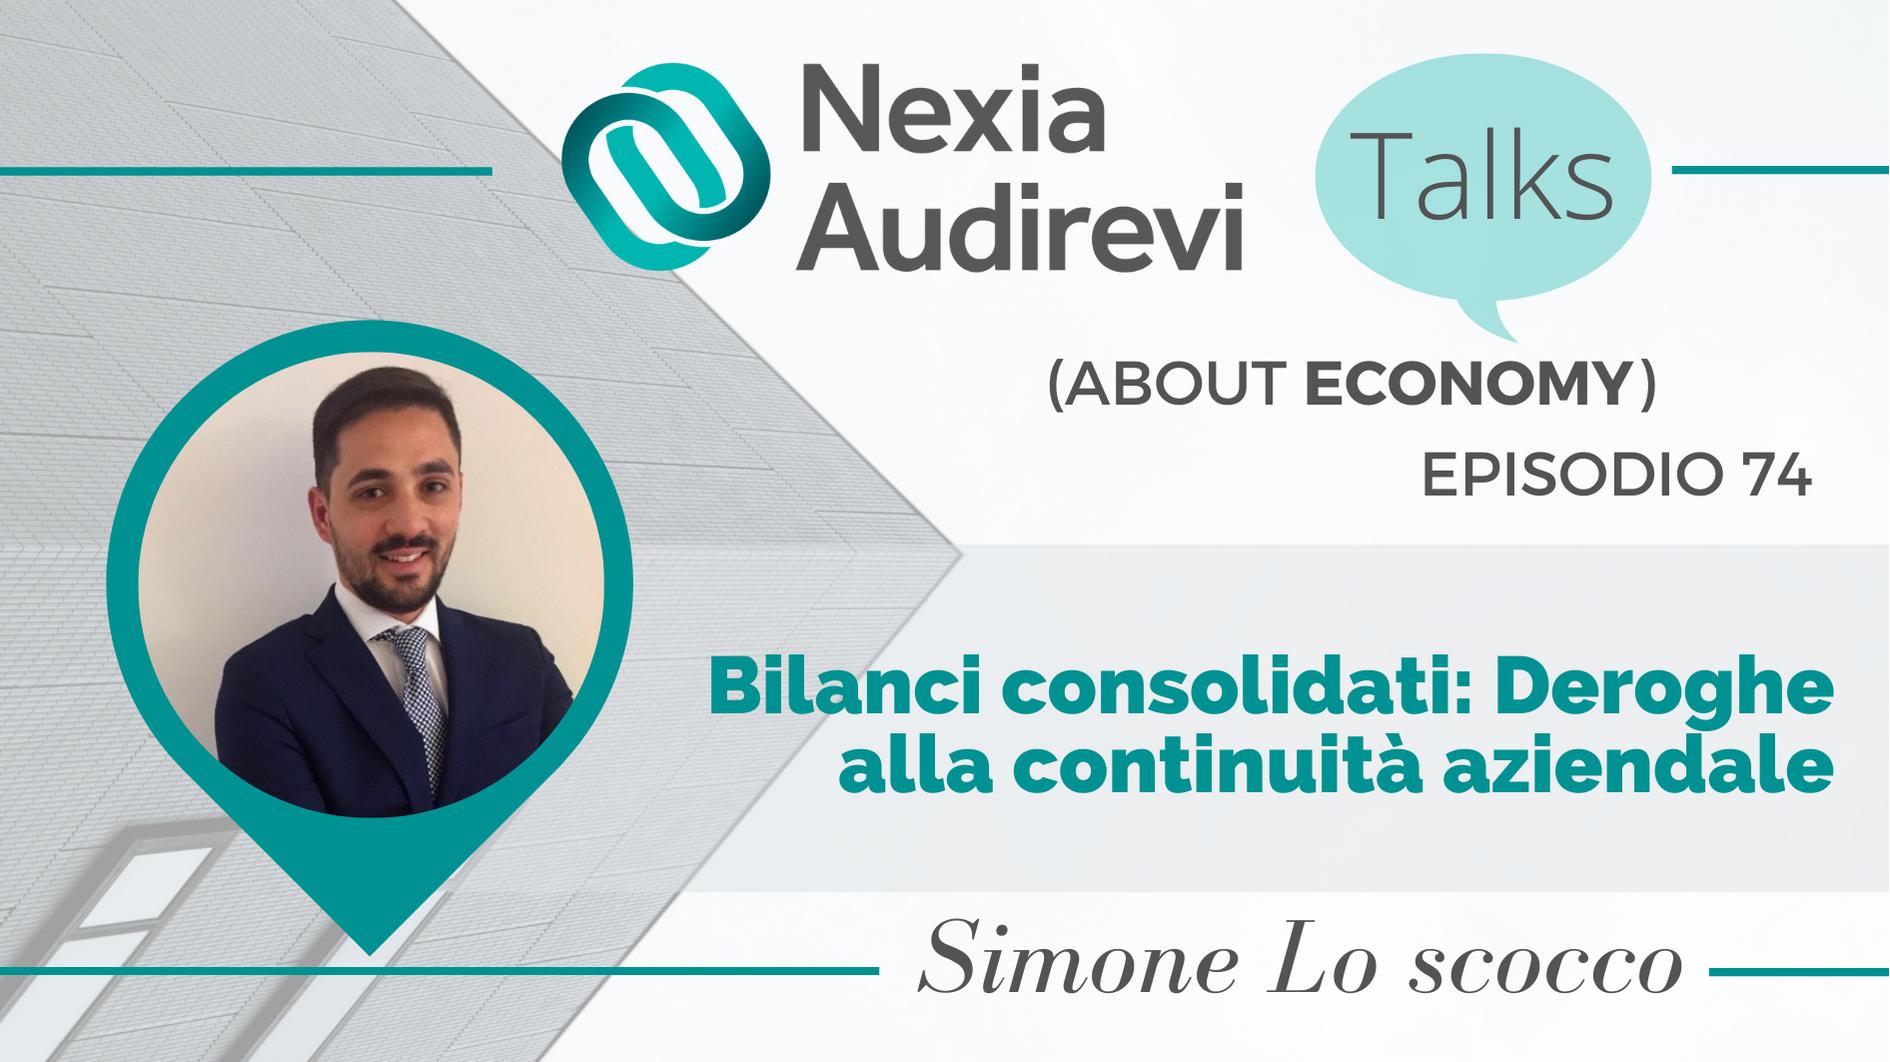 Bilanci consolidati: Deroghe alla continuità aziendale